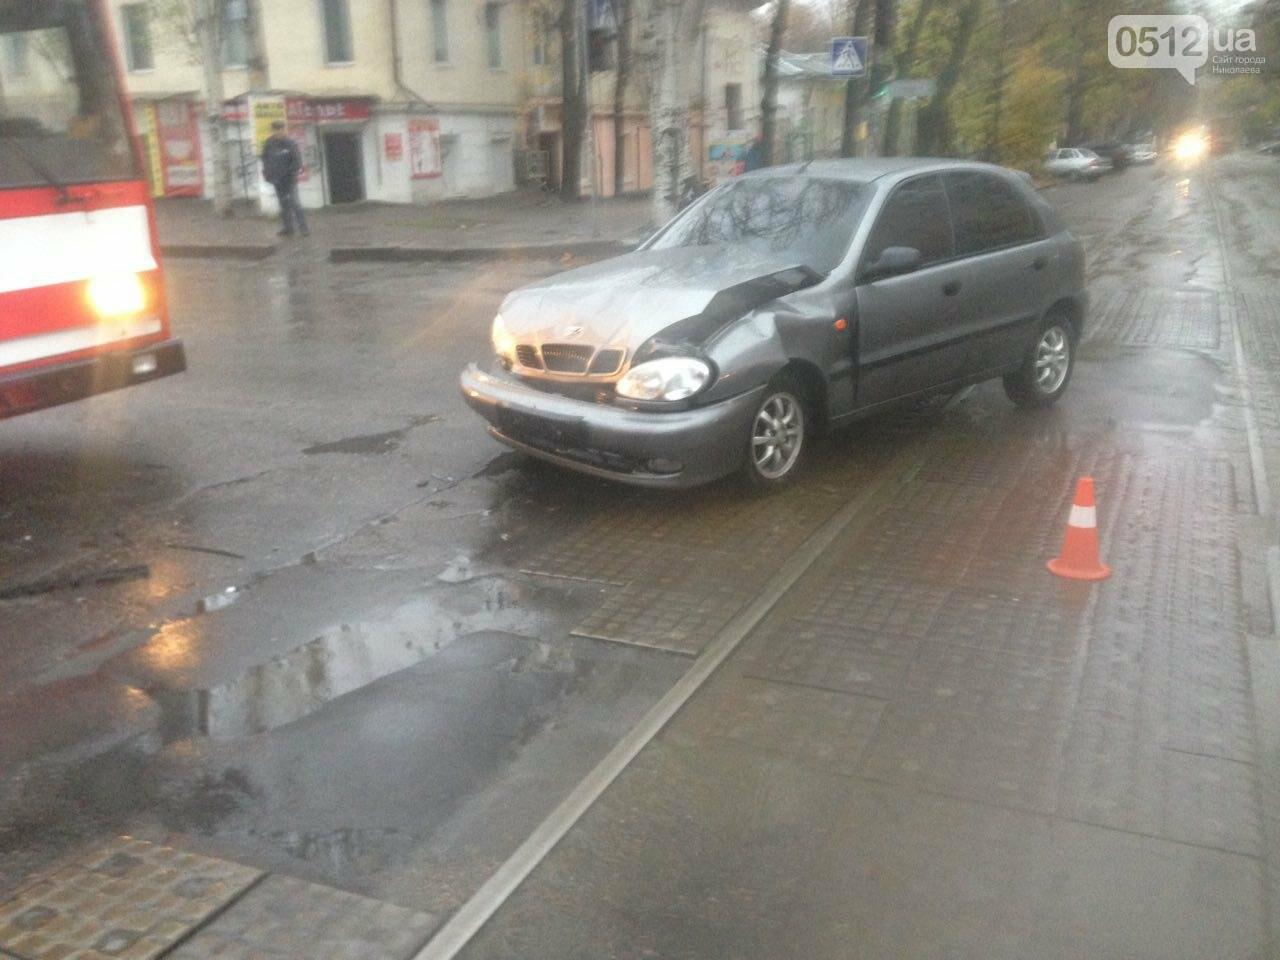 Из-за аварии на ул.Пушкинской центр Николаева стоит в пробке (ФОТО), фото-2